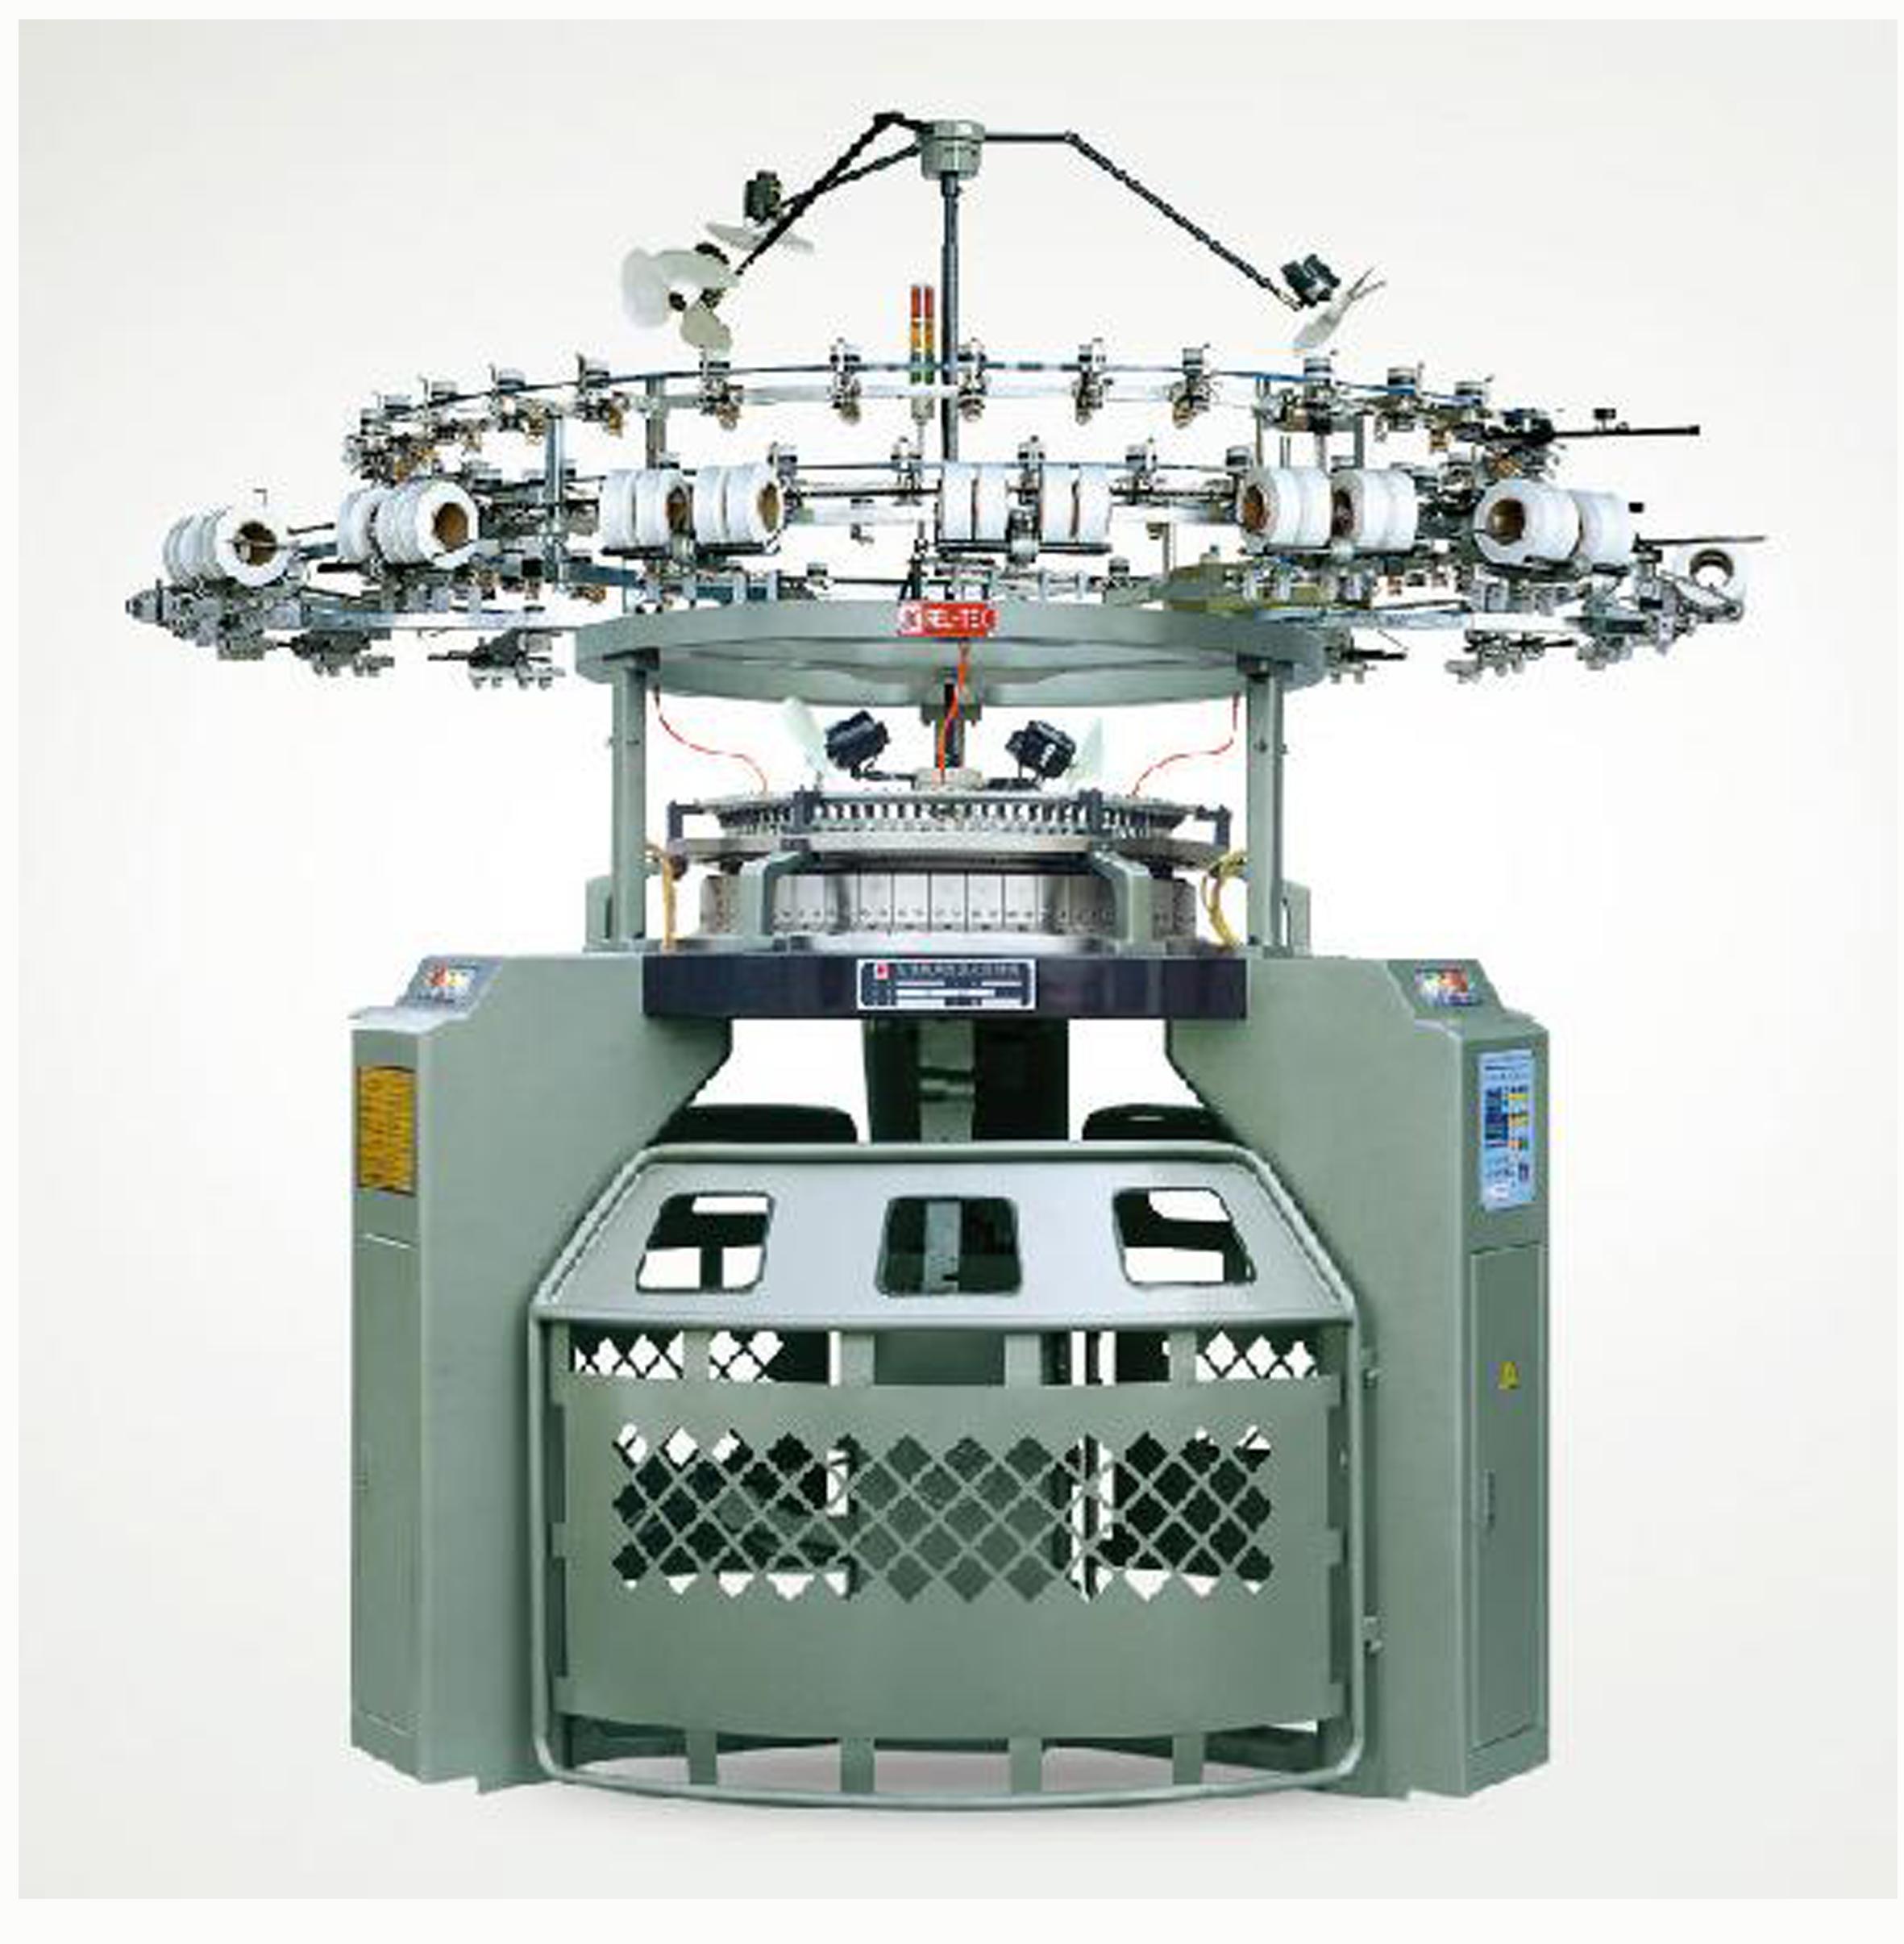 ماشین بافندگی رلتکس دورس 3 نخ